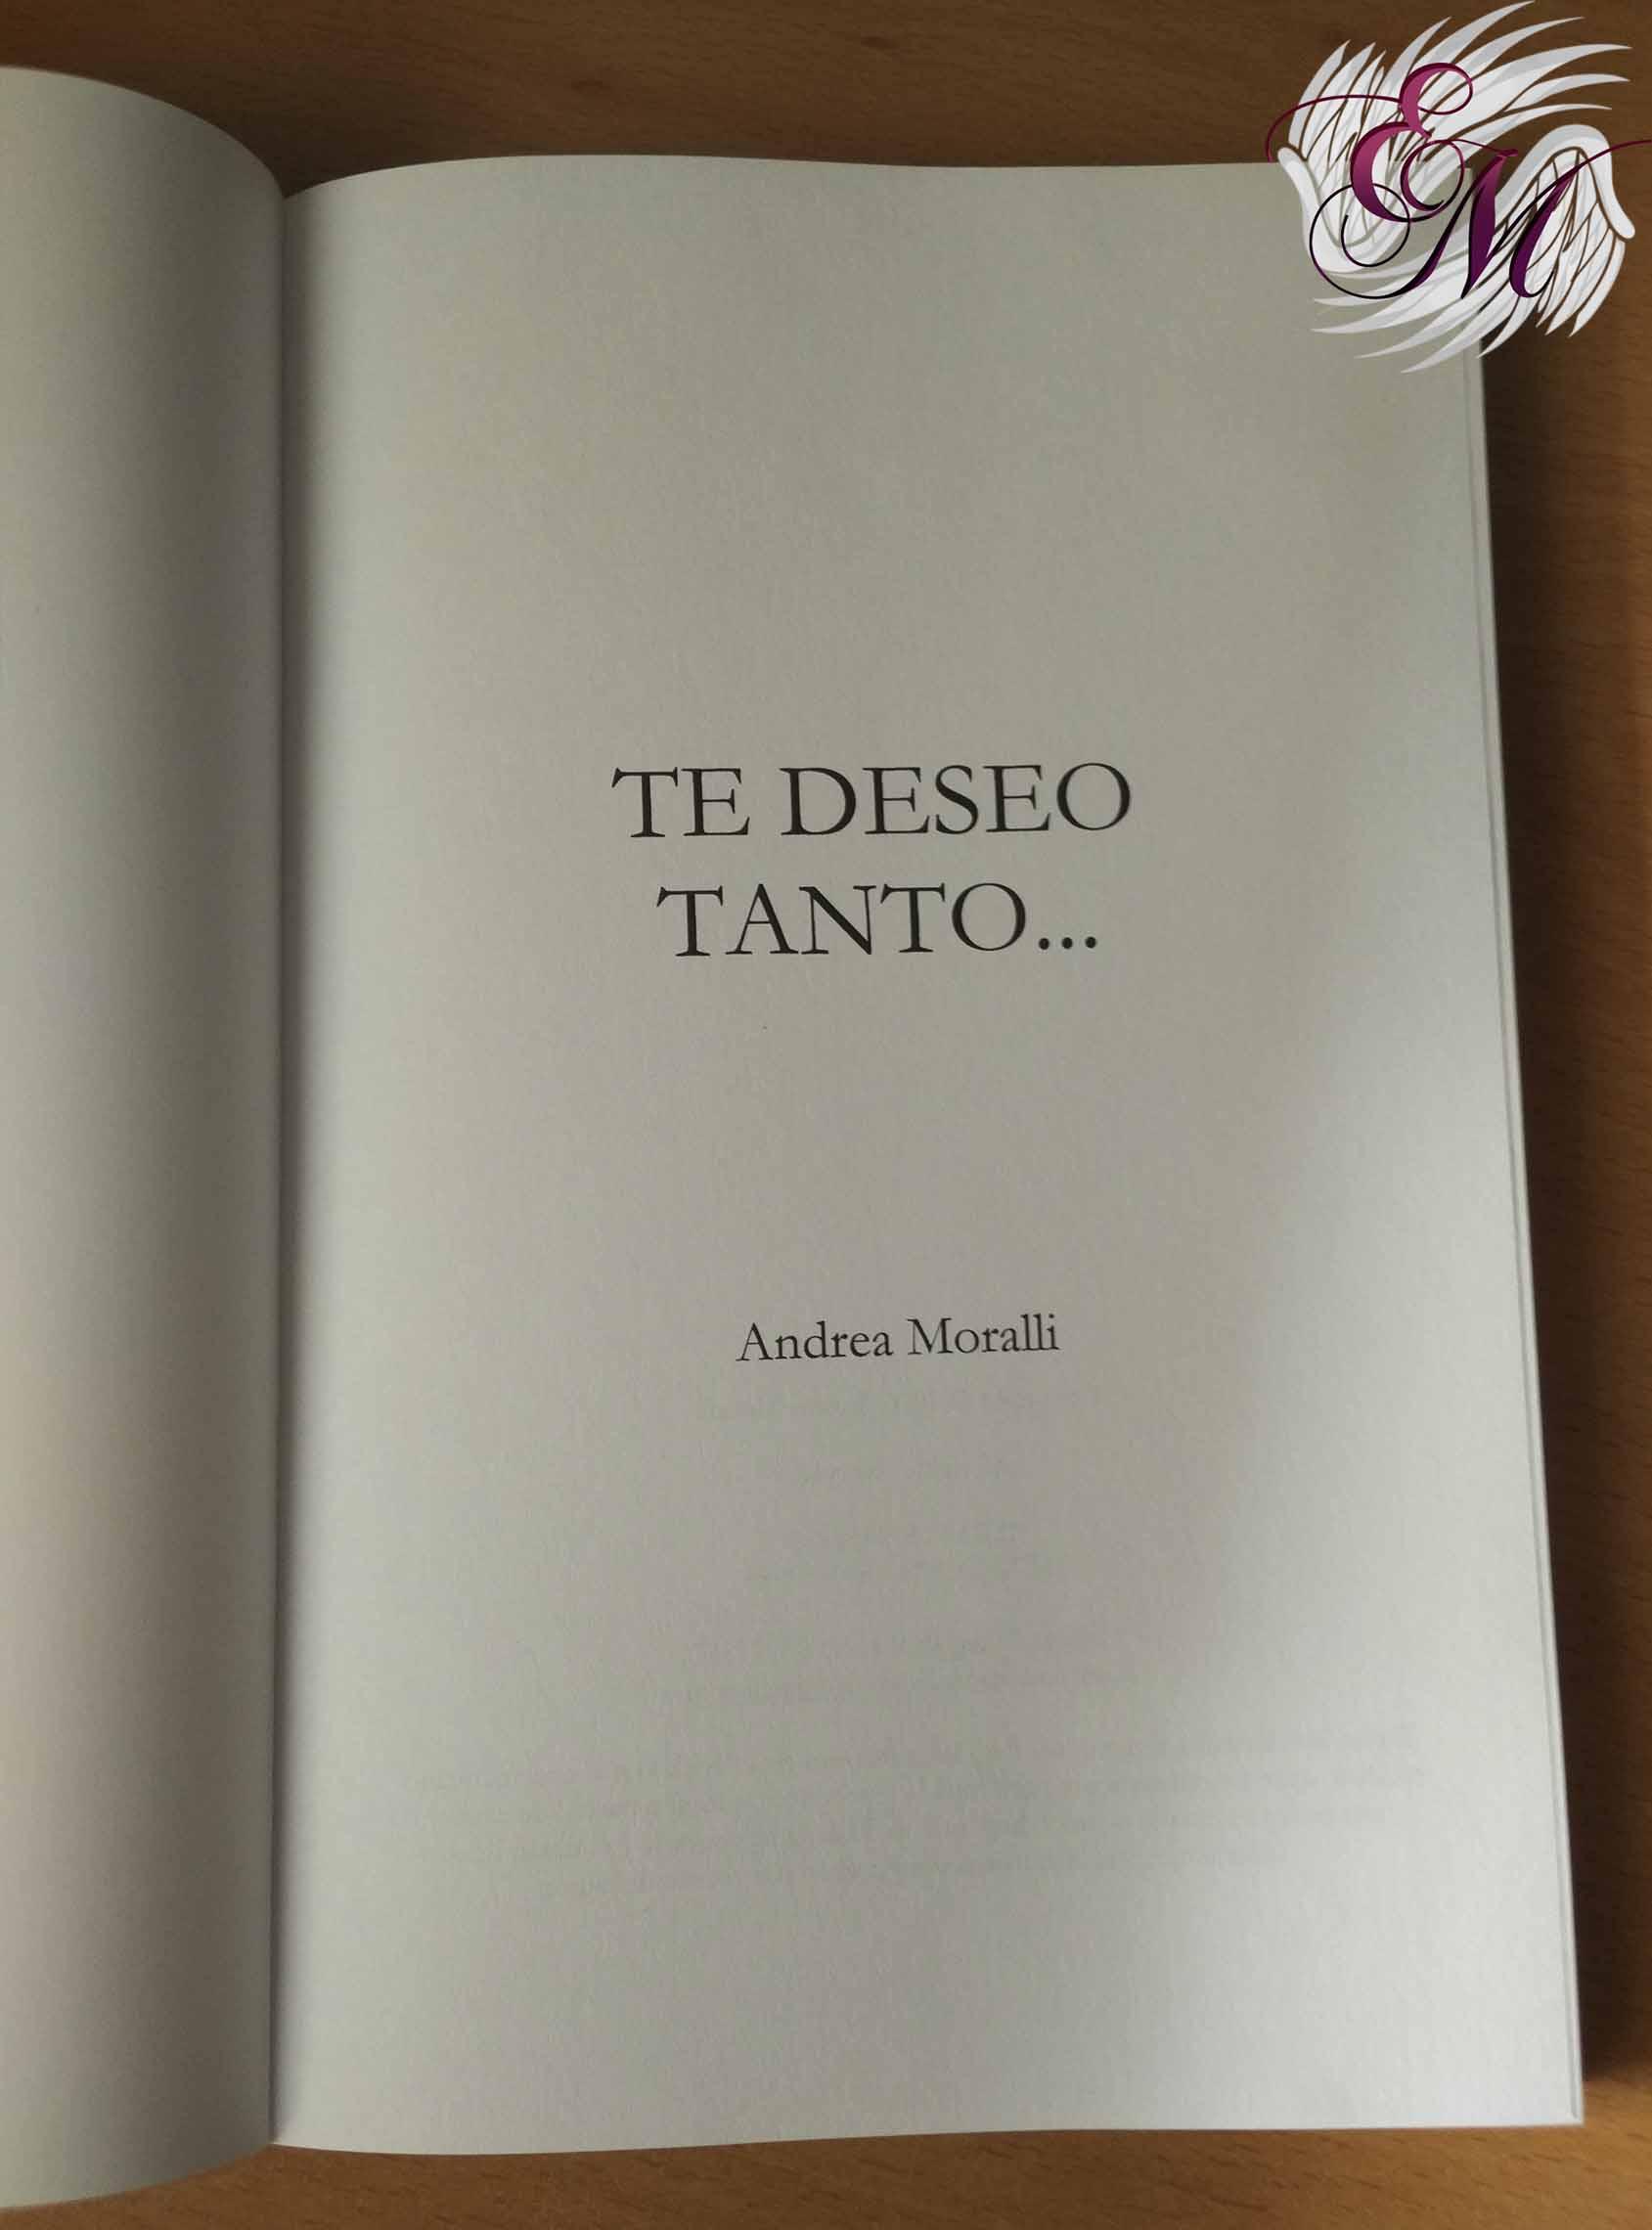 Te deseo tanto, de Andrea Moralli - Reseña